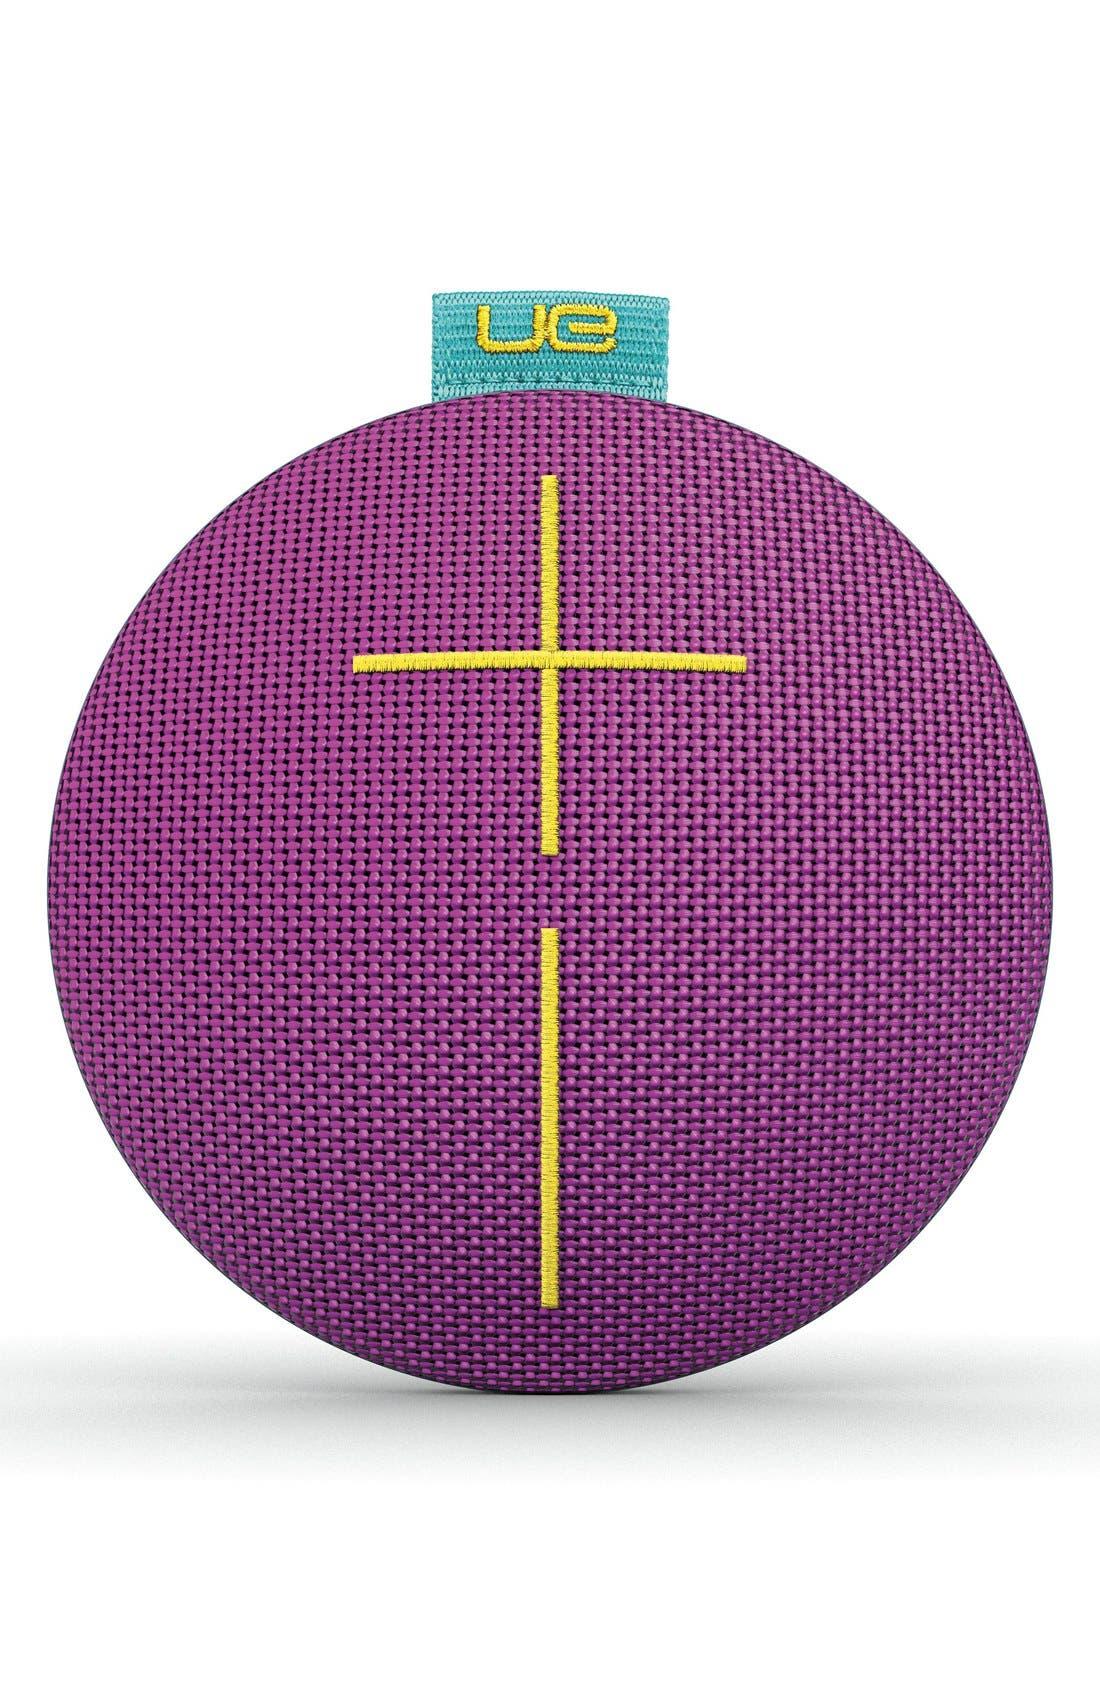 Alternate Image 1 Selected - UE Roll 2 Waterproof Wireless Bluetooth® Speaker